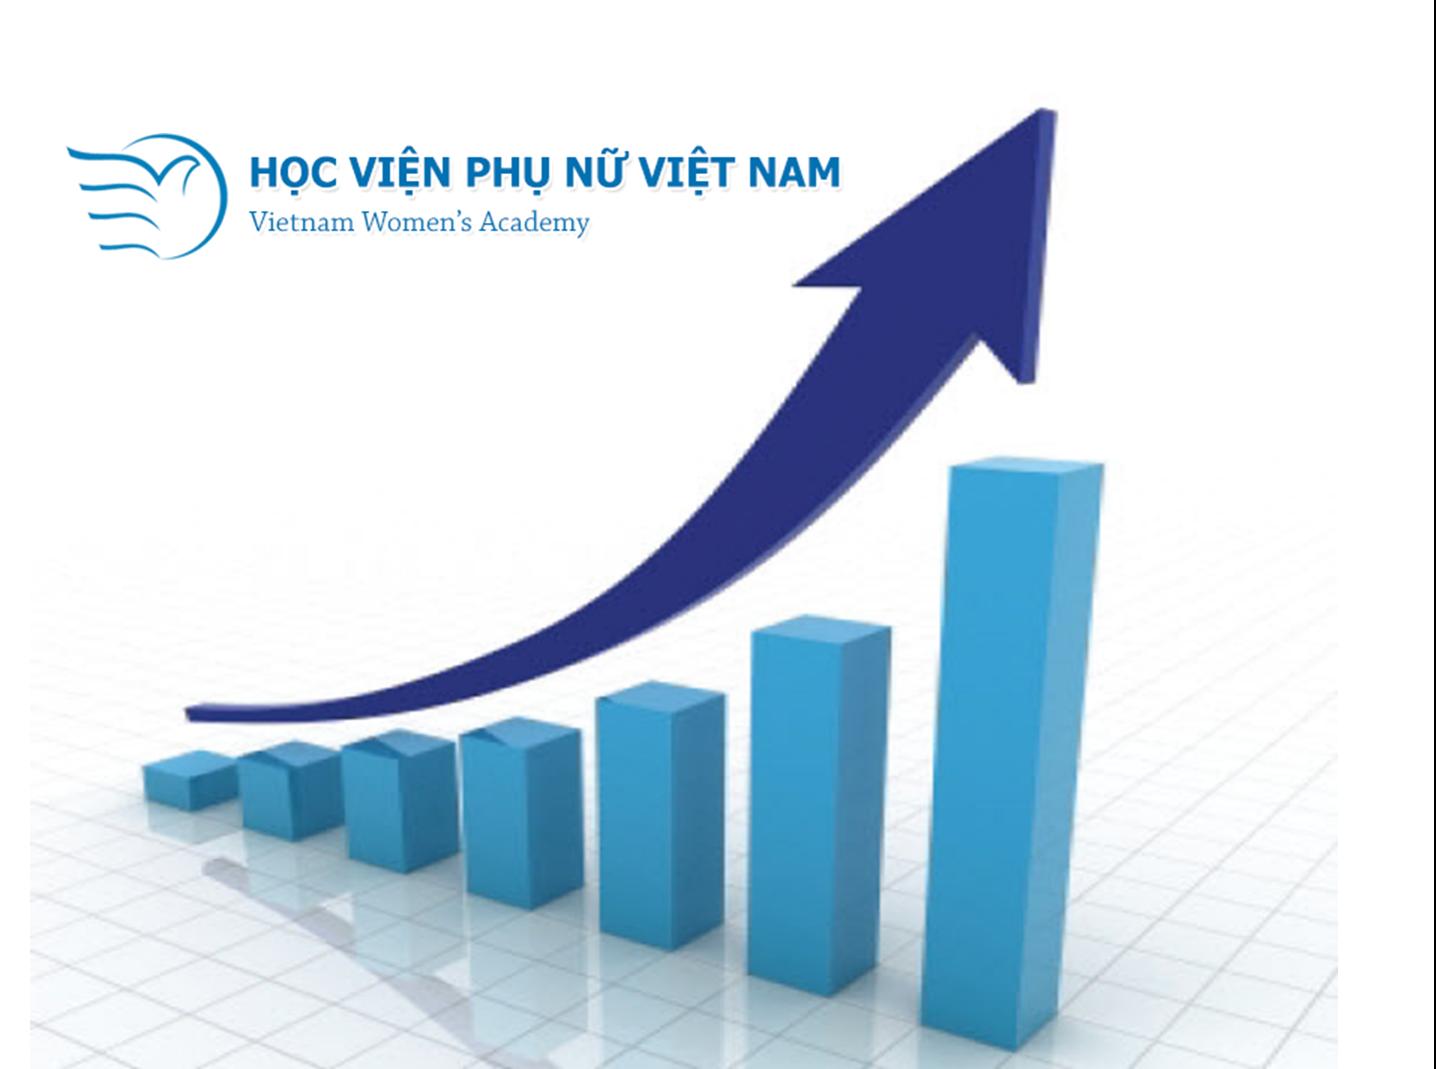 Báo cáo đánh giá giữa nhiệm kỳ Chiến lược phát triển HVPNVN